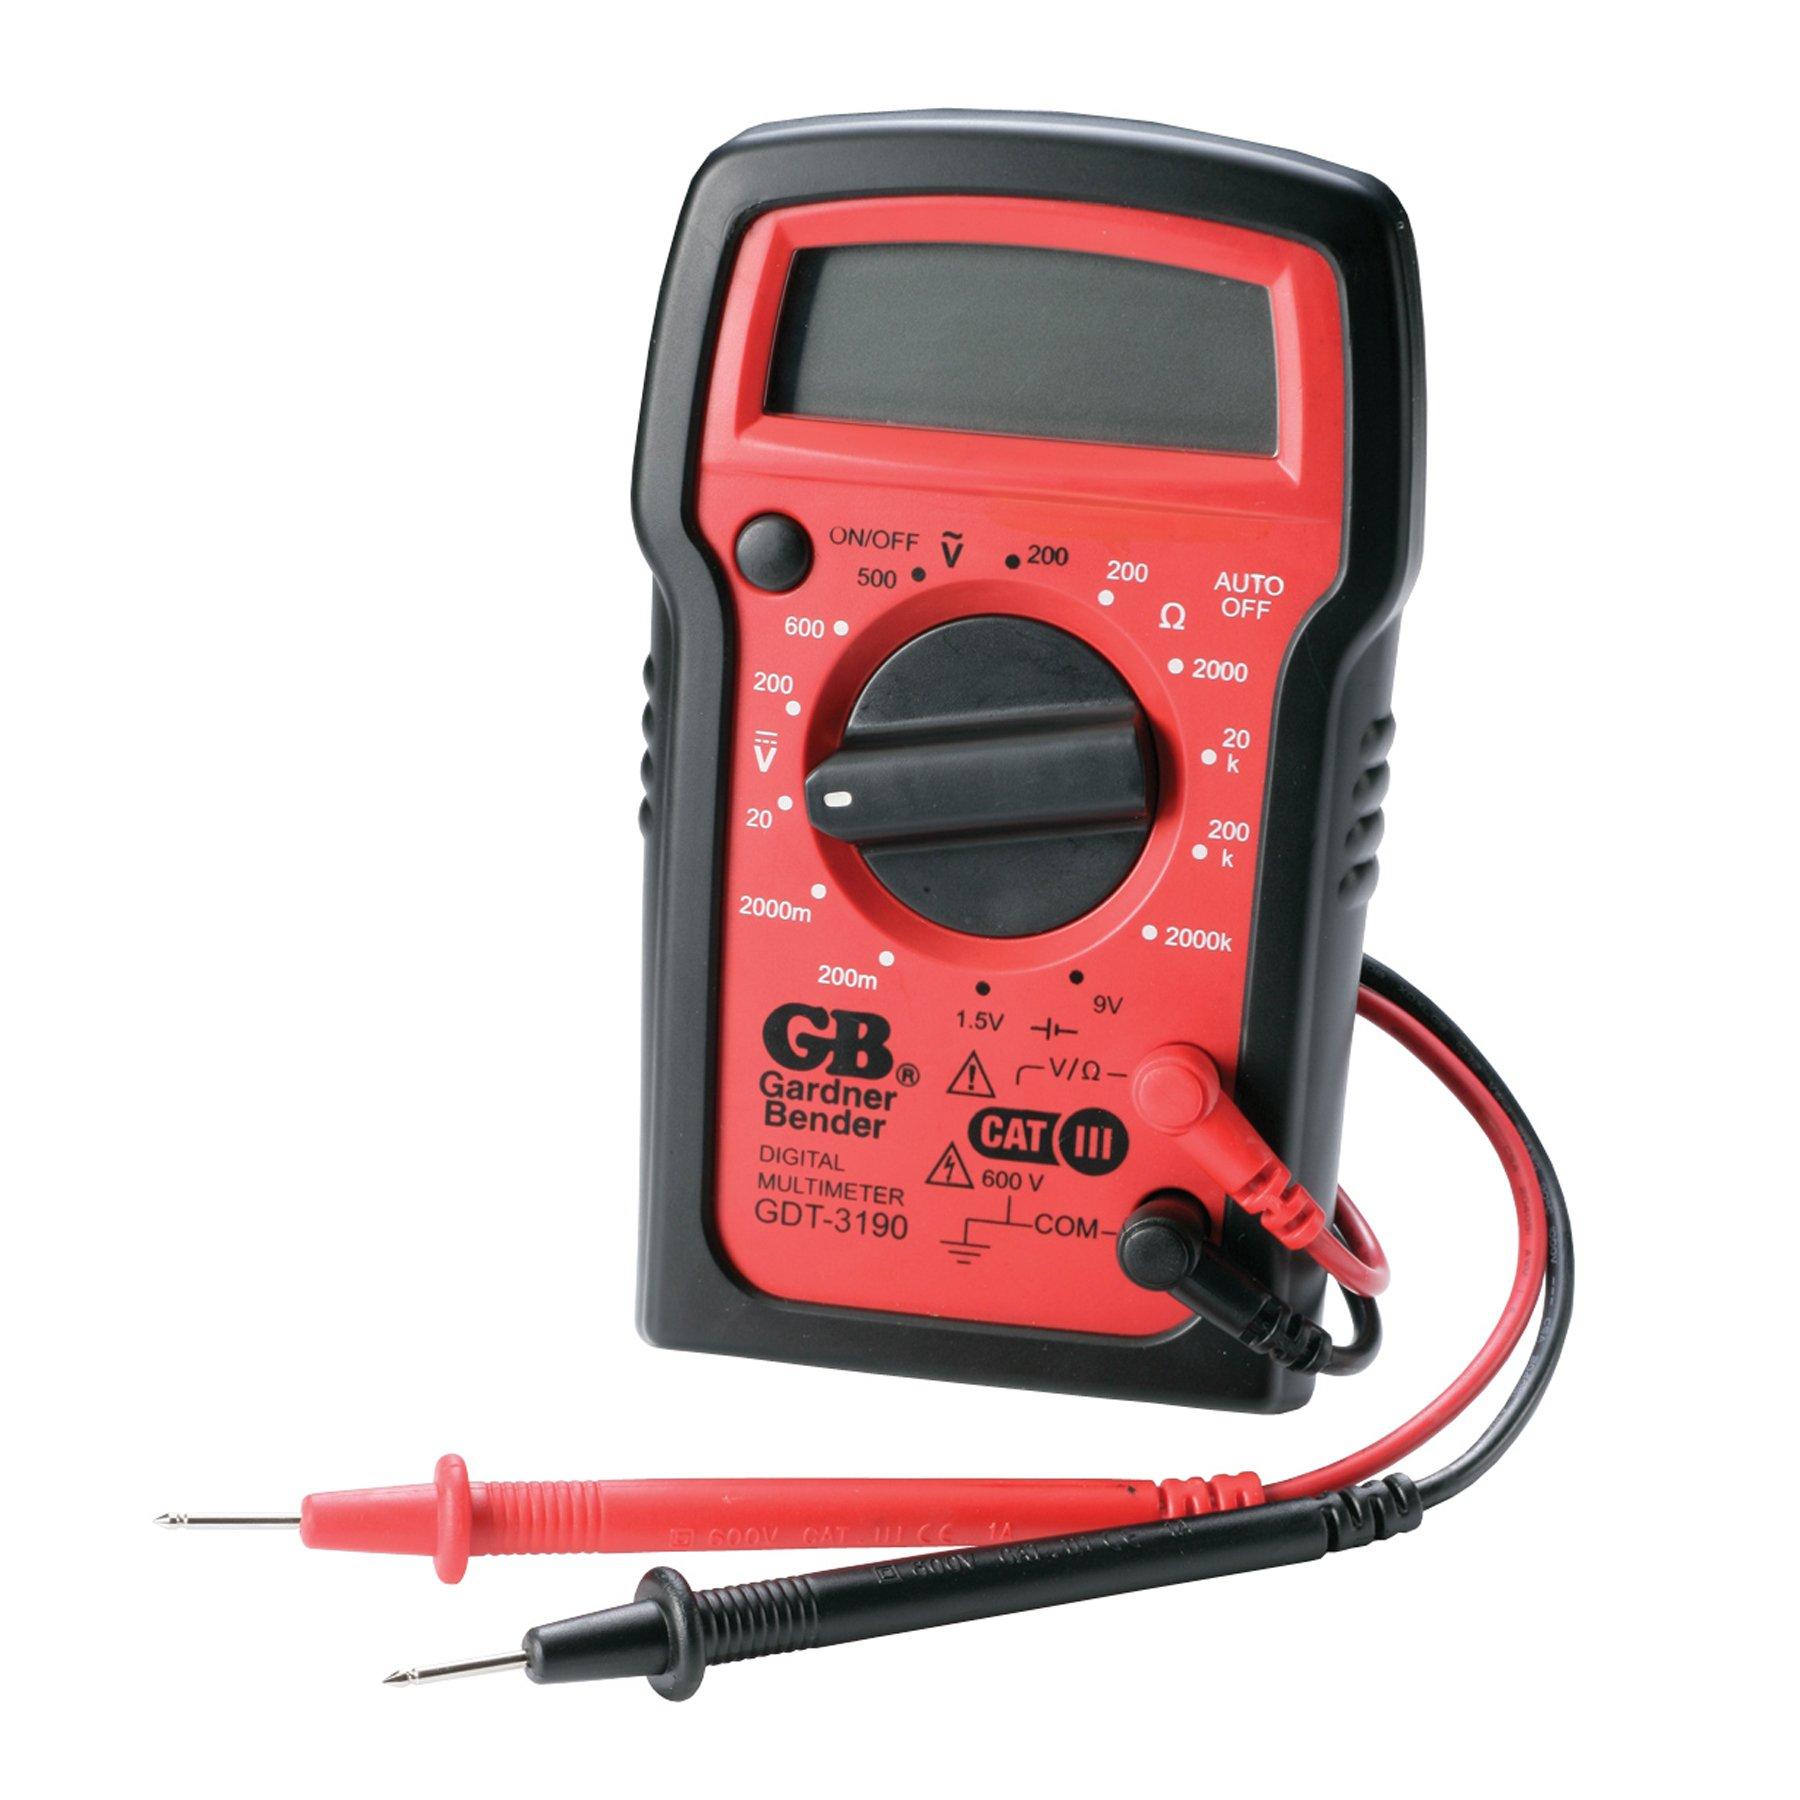 Gardner Bender GDT-3190 Digital Multimeter, 4 Function, 14 Range, Tests AC/DC Voltage, Resistance, and Battery, Manual Ranging, Auto-Off, 1/Each